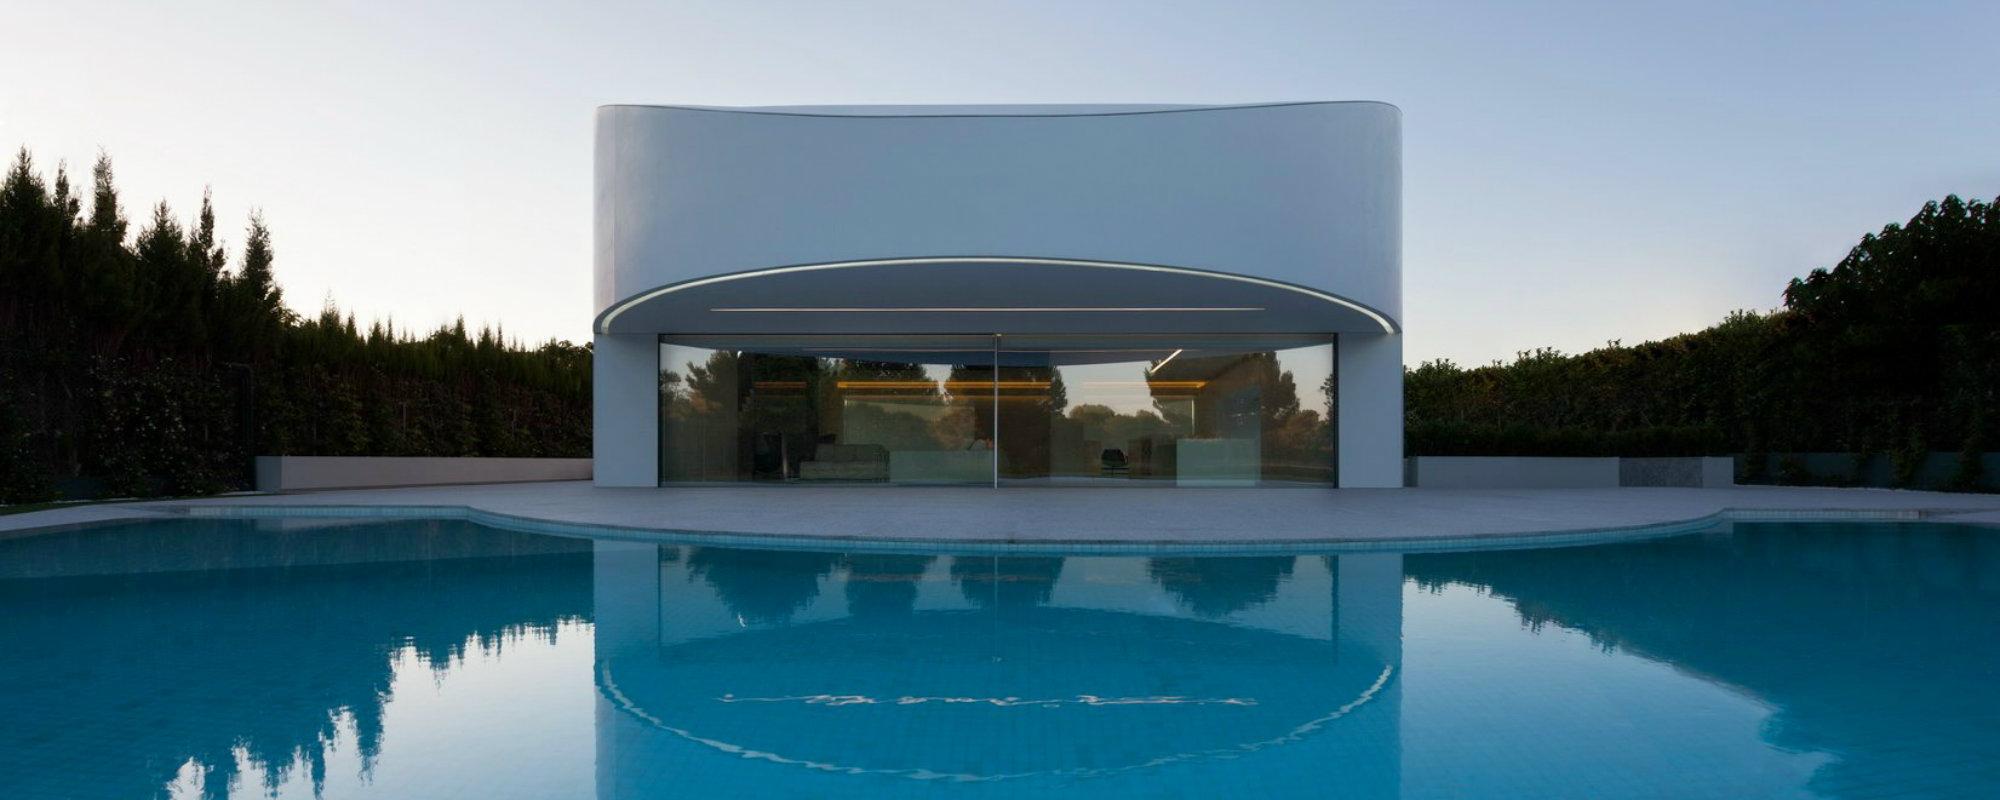 Diseño de interiores: Fran Silvestre Arquitectos una empresa de lujo diseño de interiores Diseño de interiores: Fran Silvestre Arquitectos una empresa de lujo Featured 6